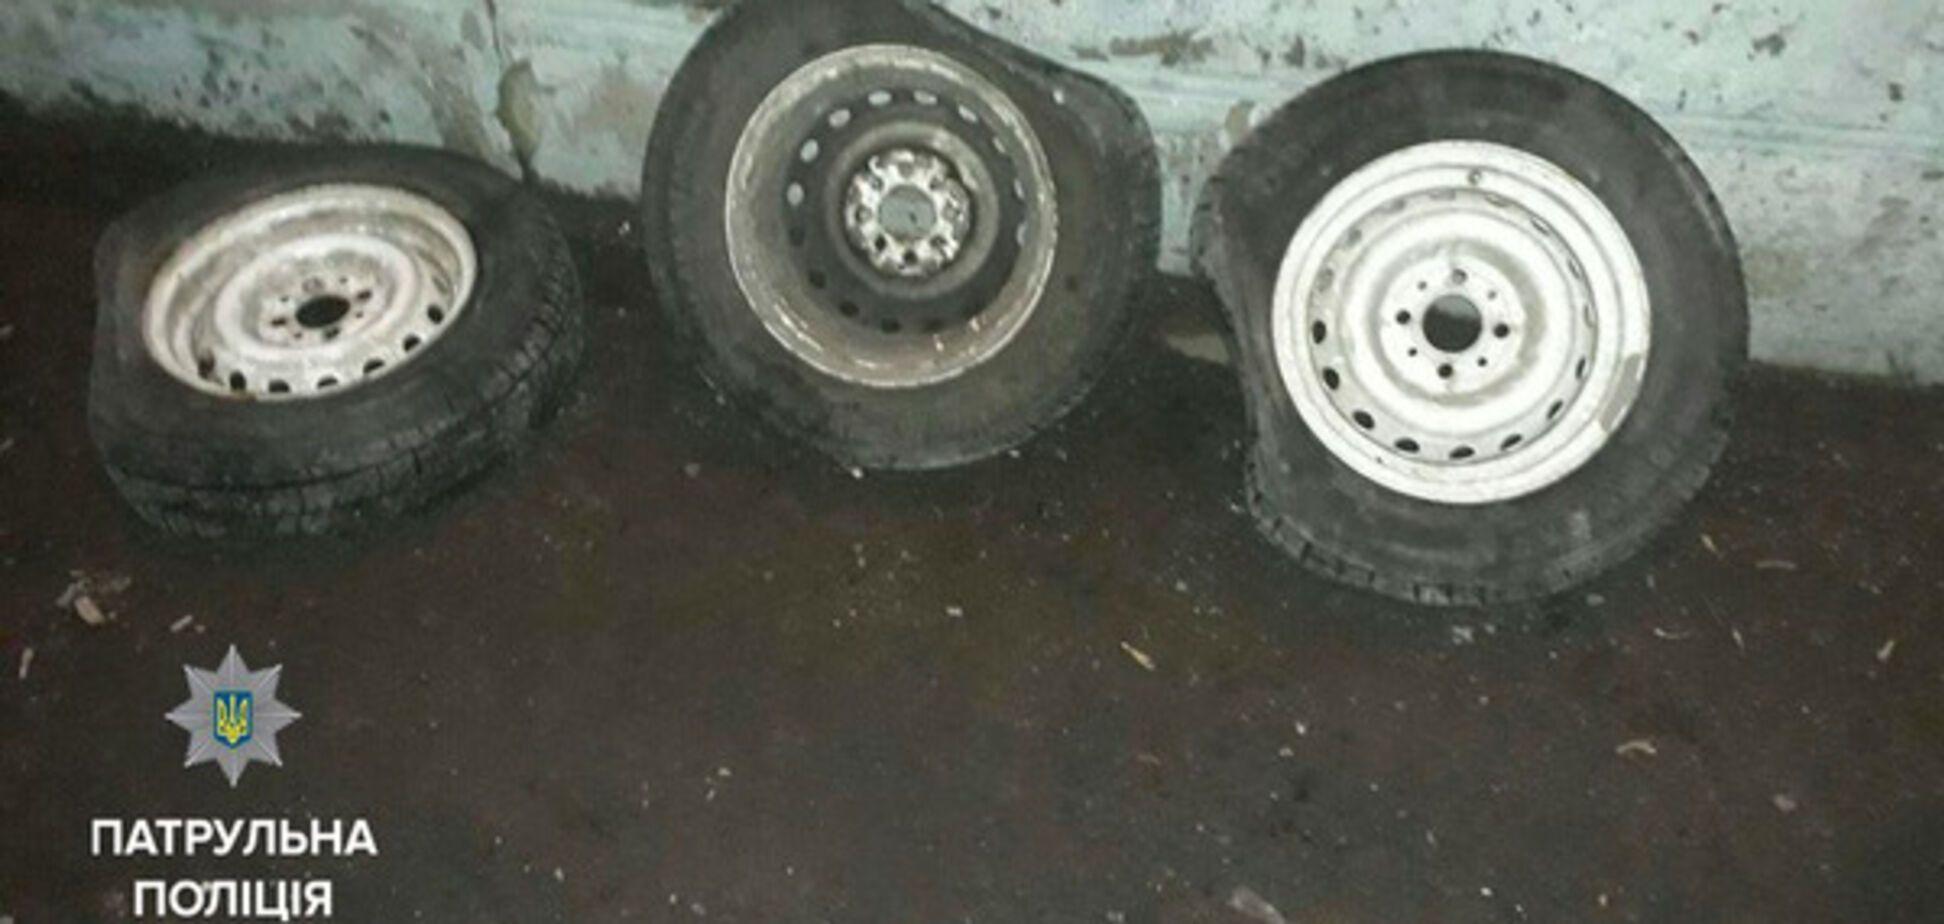 В Запорожье задержали юношей, промышлявших кражей колес (ФОТО)